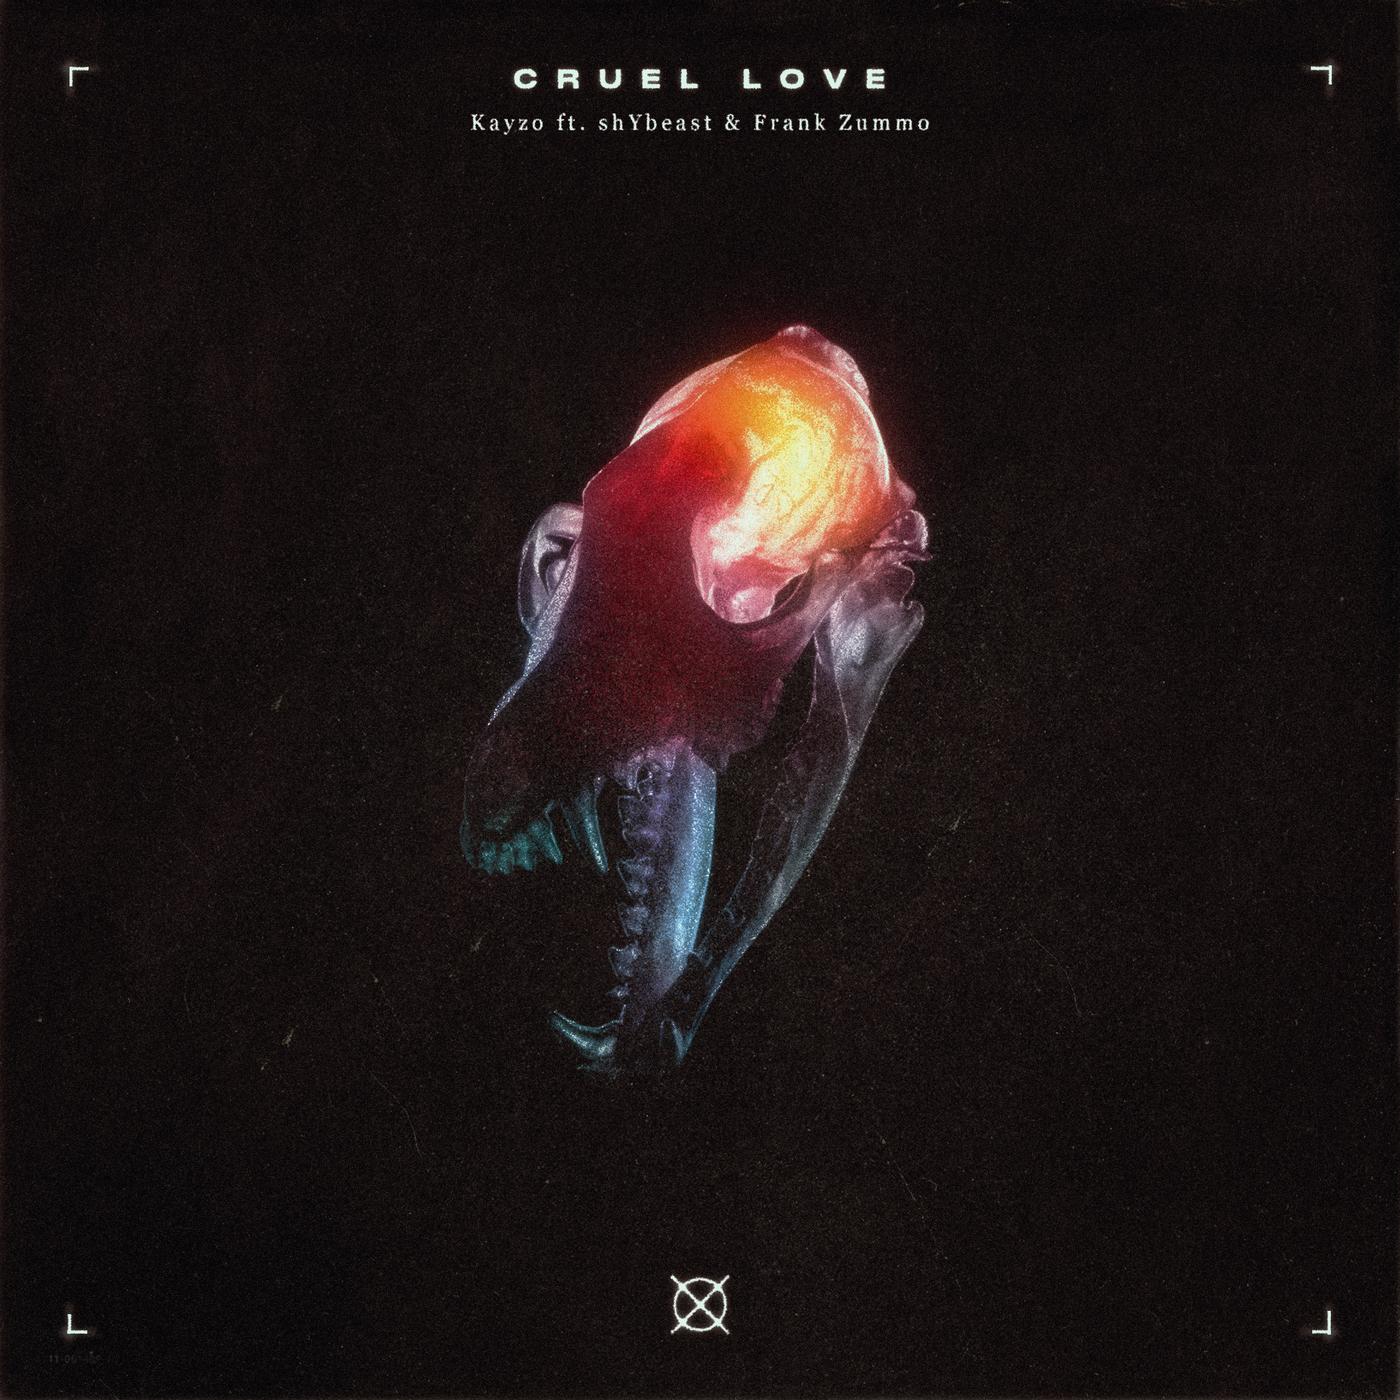 Cruel Love - Kayzo